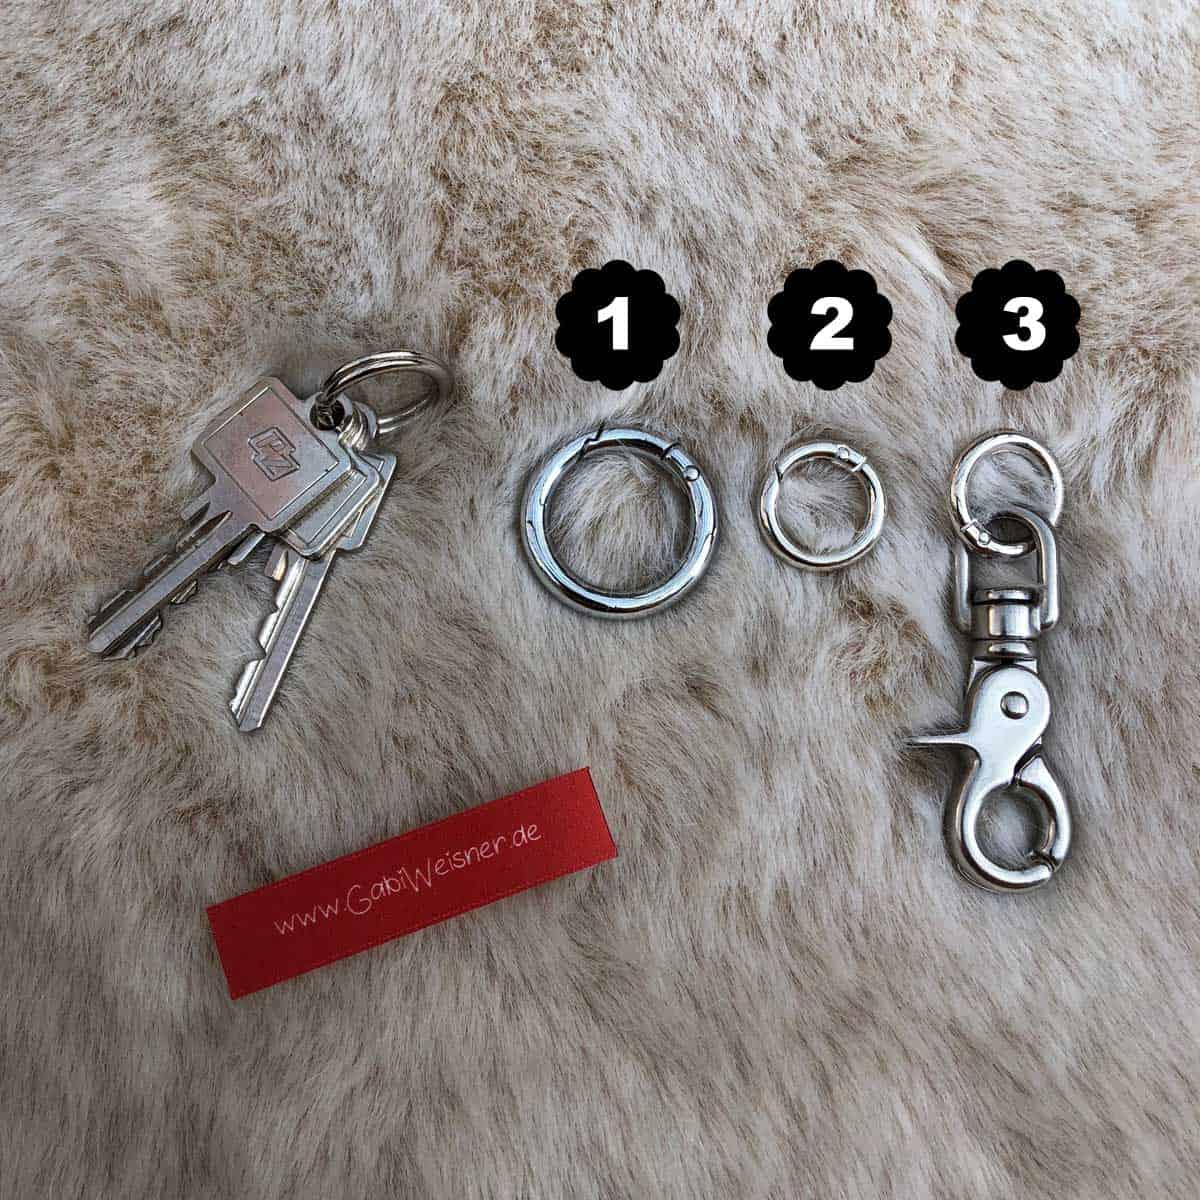 Schlüsselband mit Ohr Tunnel